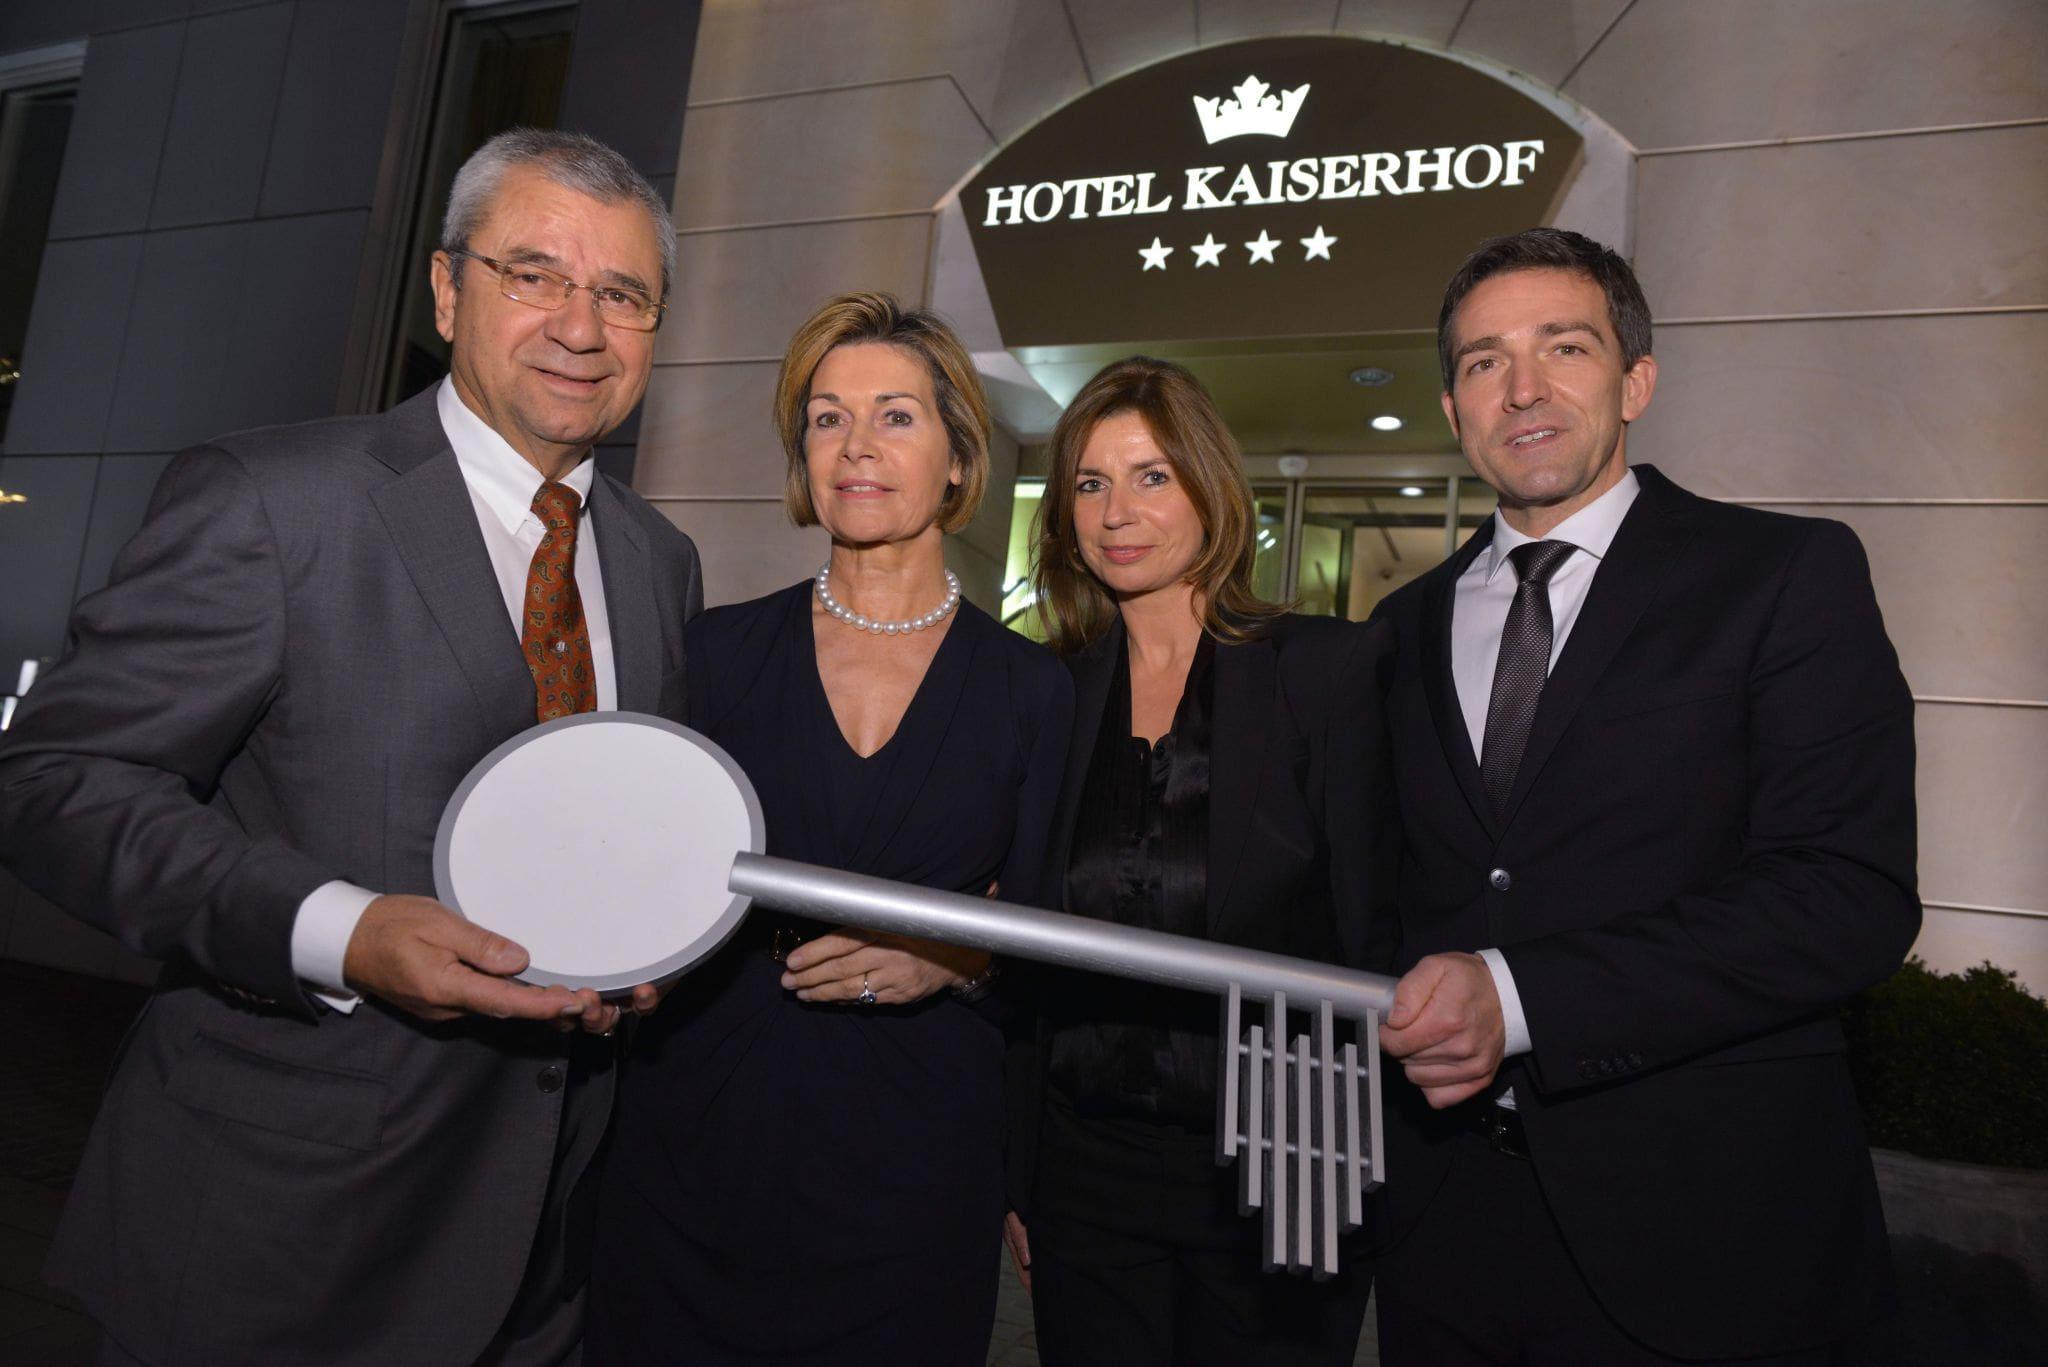 Anne und Peter Cremer (links) und Anja und Kay Fenneberg (rechts) halten gemeinsam einen Schlüssel, der die Übergabe der Geschäftsleitung symbolisiert